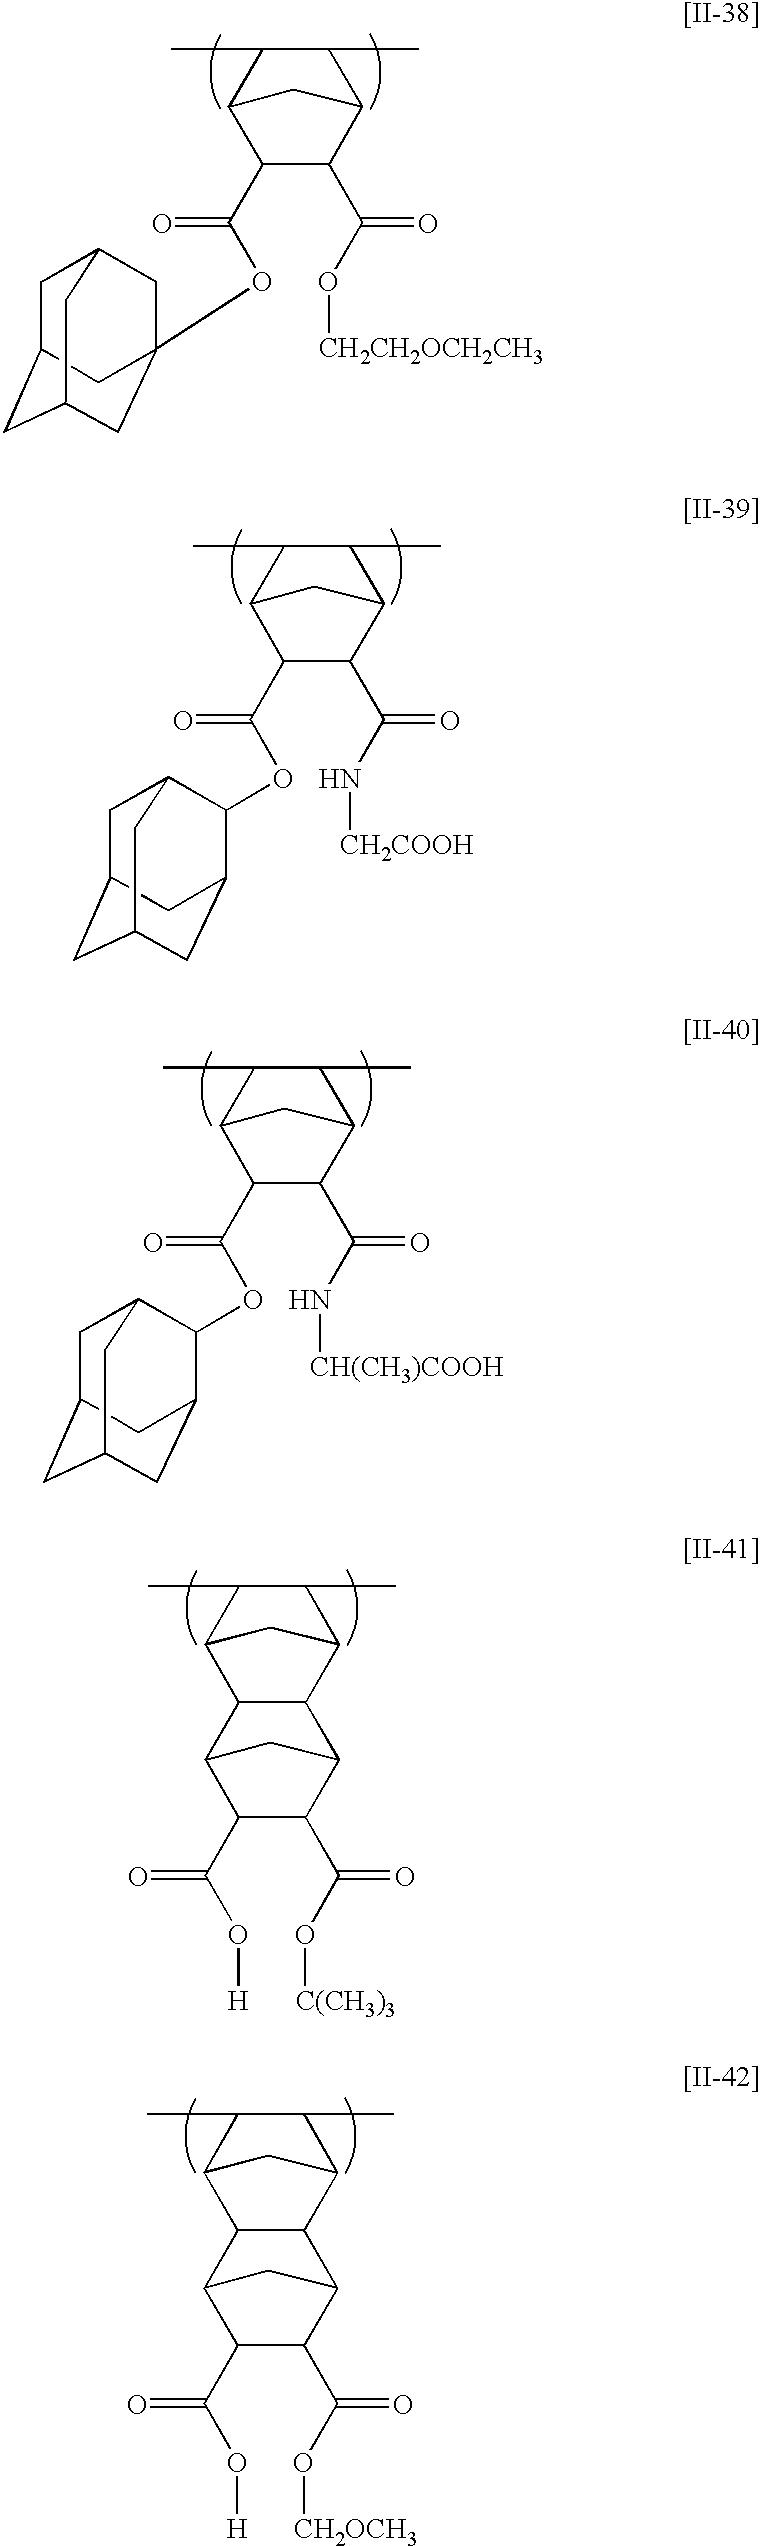 Figure US20030186161A1-20031002-C00064